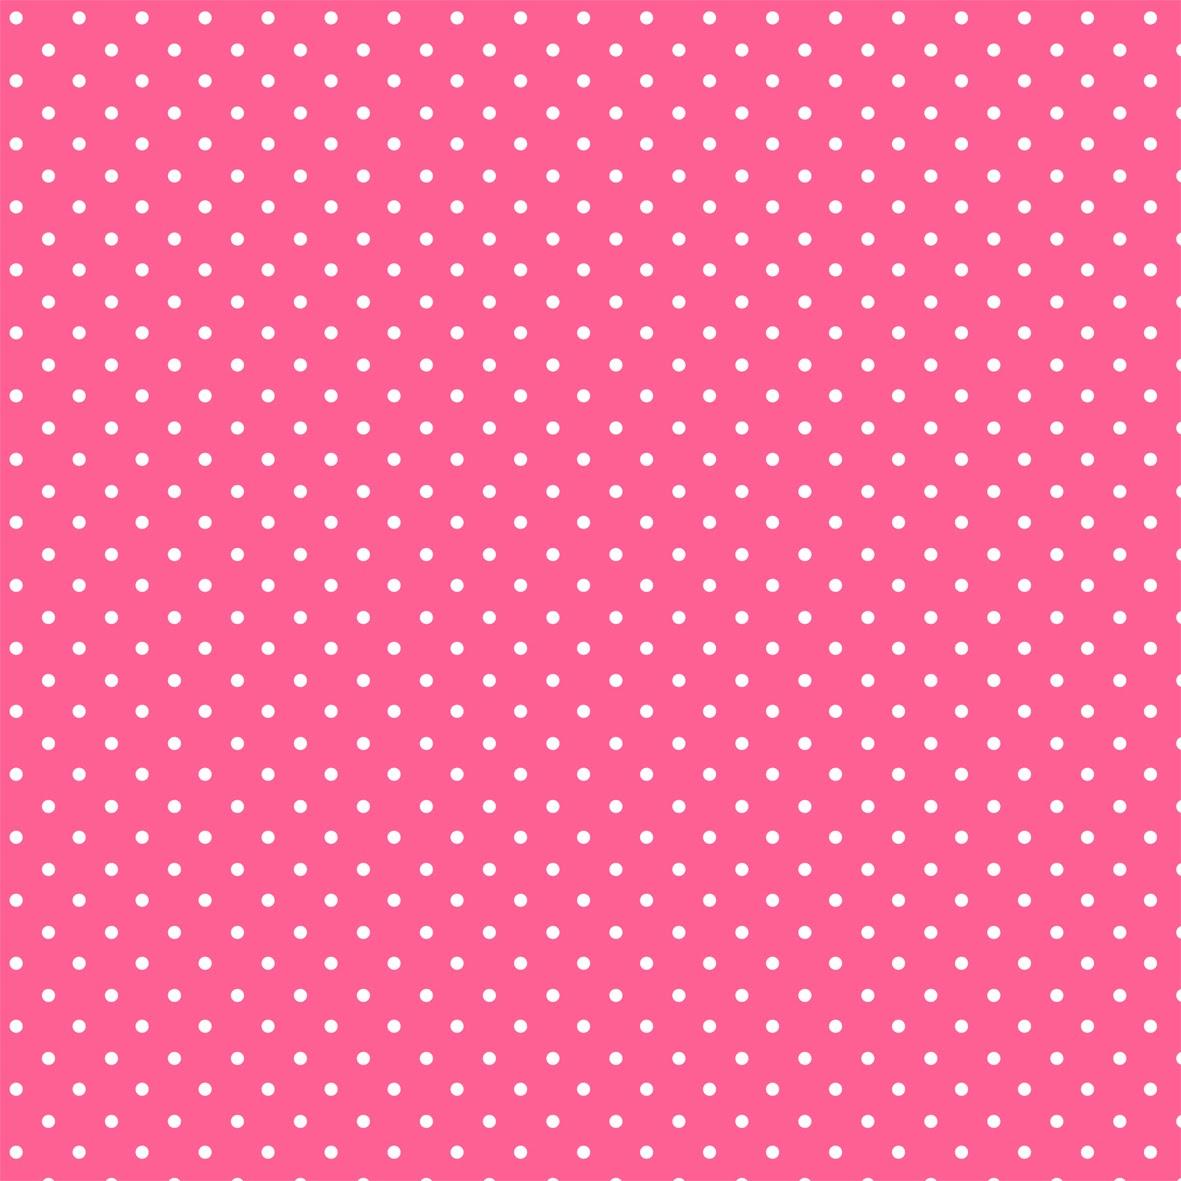 Fondo rosa con lunares blancos.